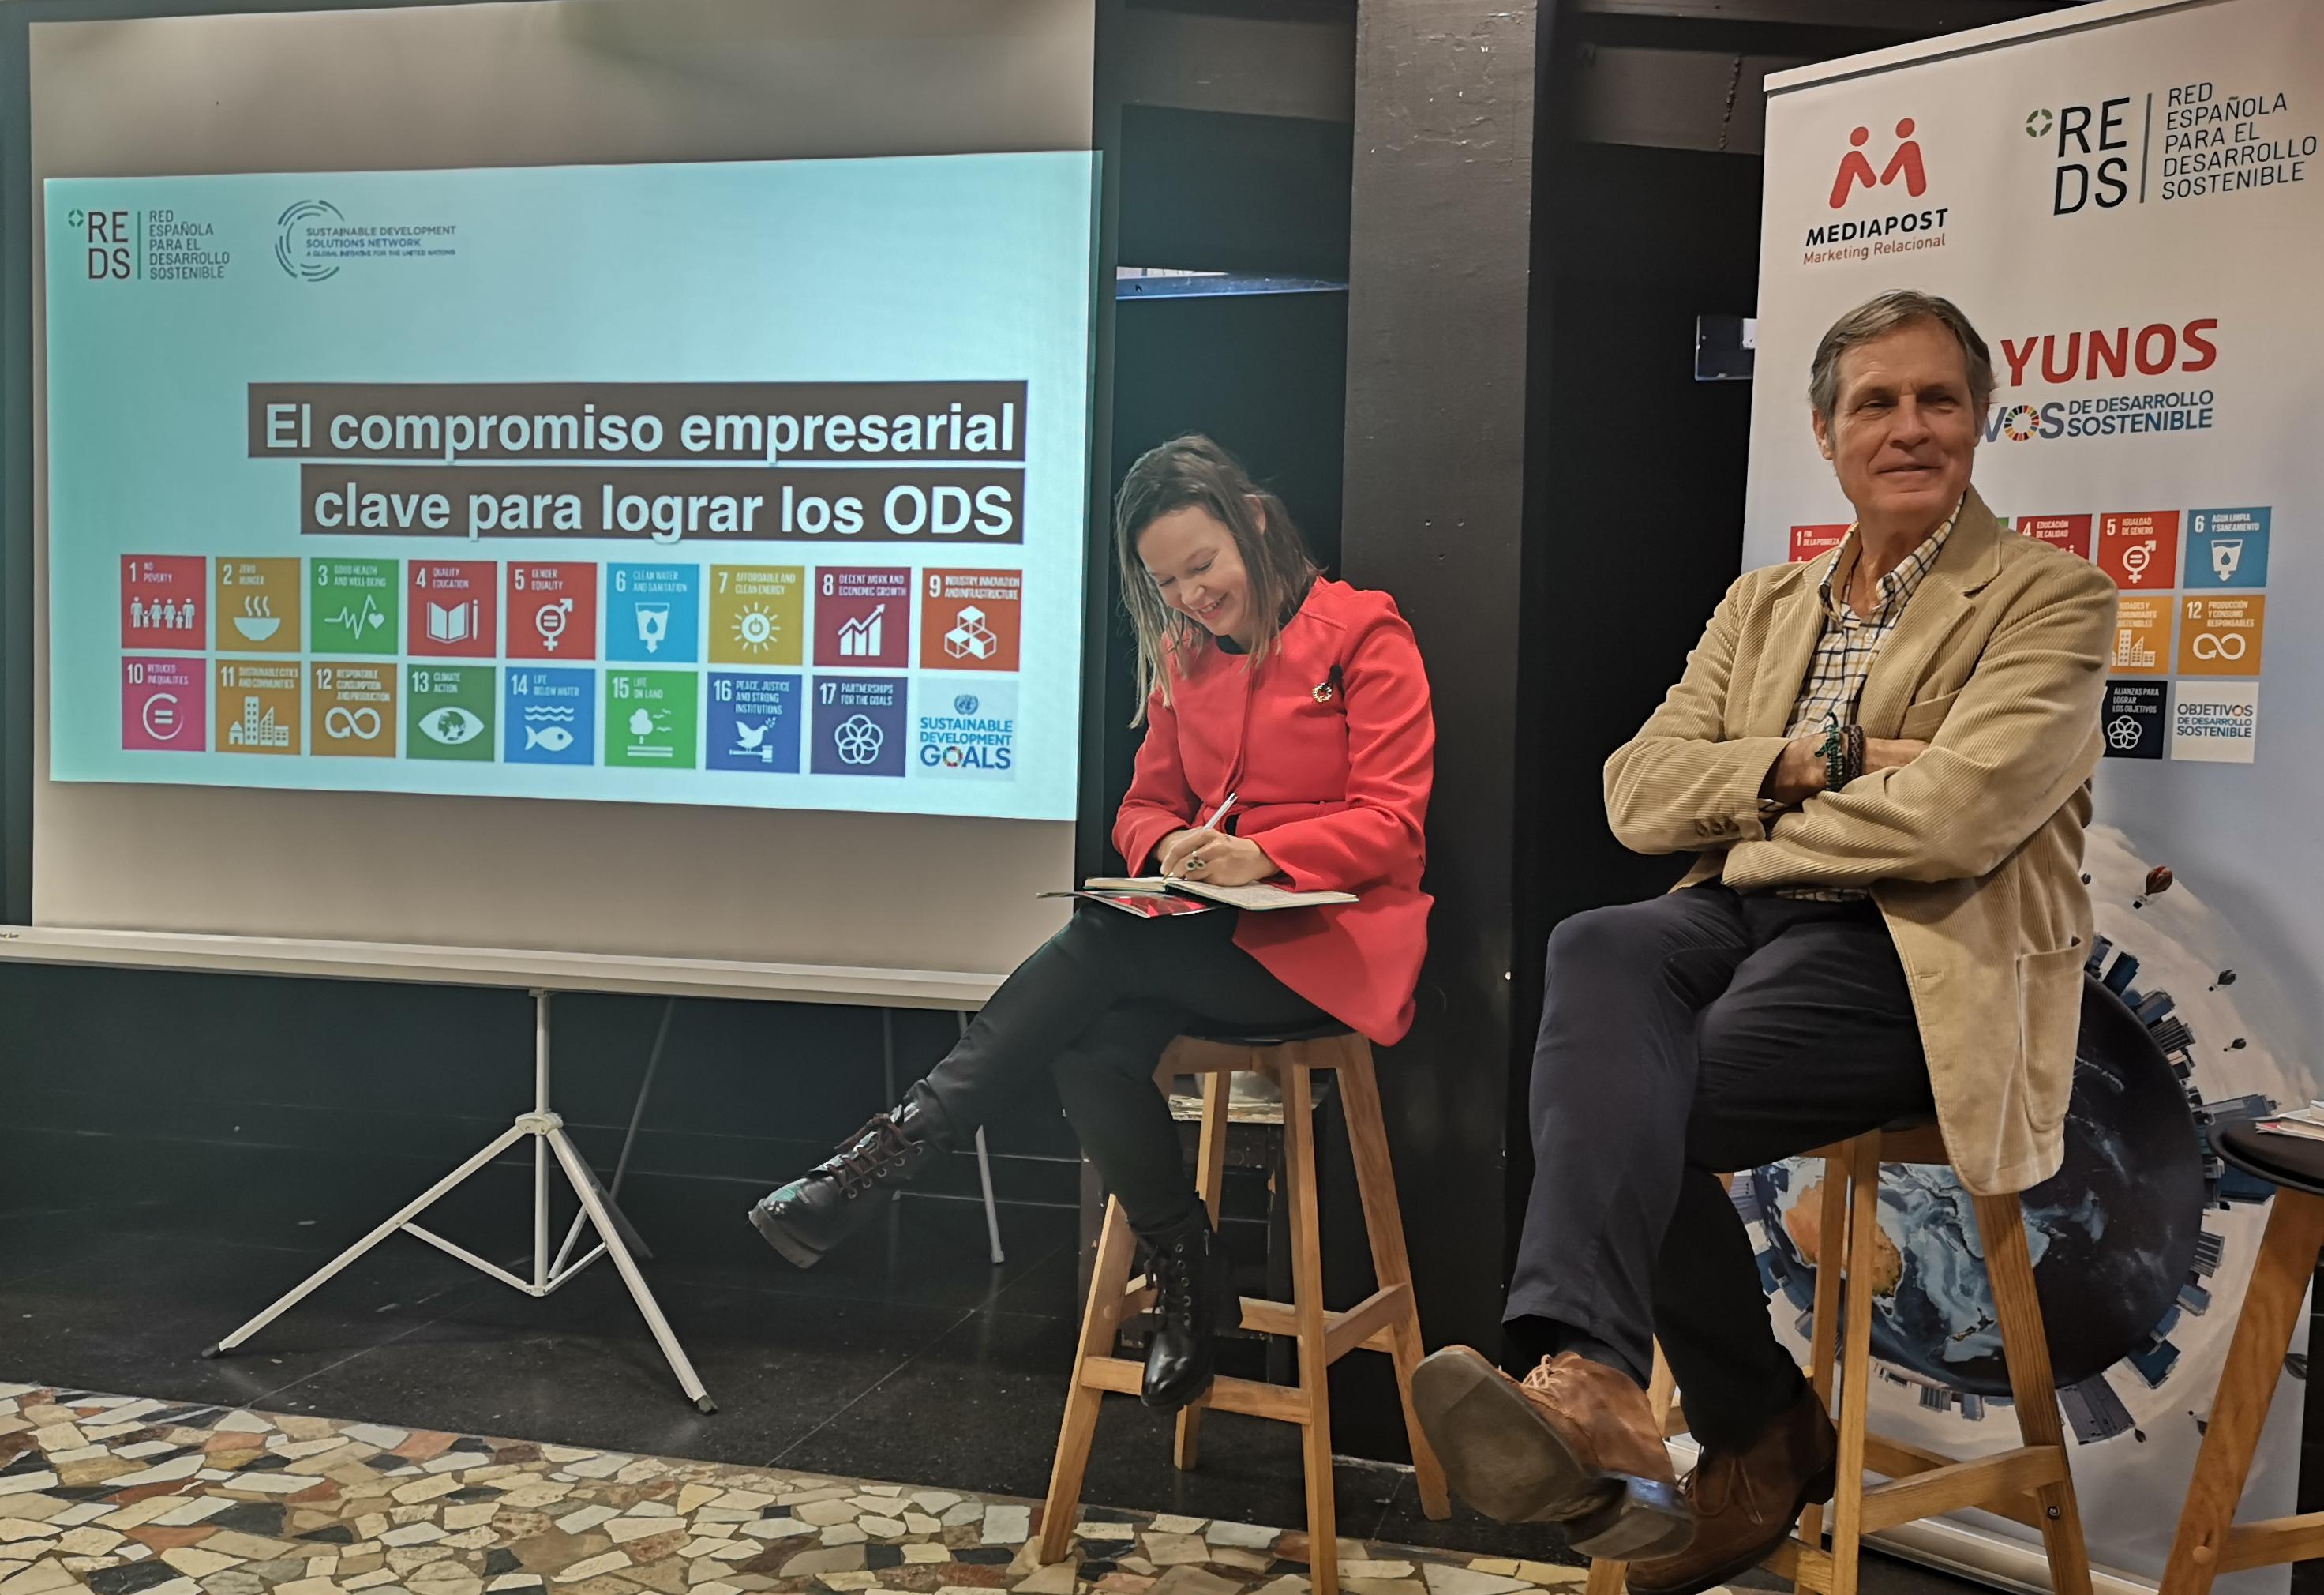 Leire Pajín, presidenta de Red Española para el Desarrollo Sostenible